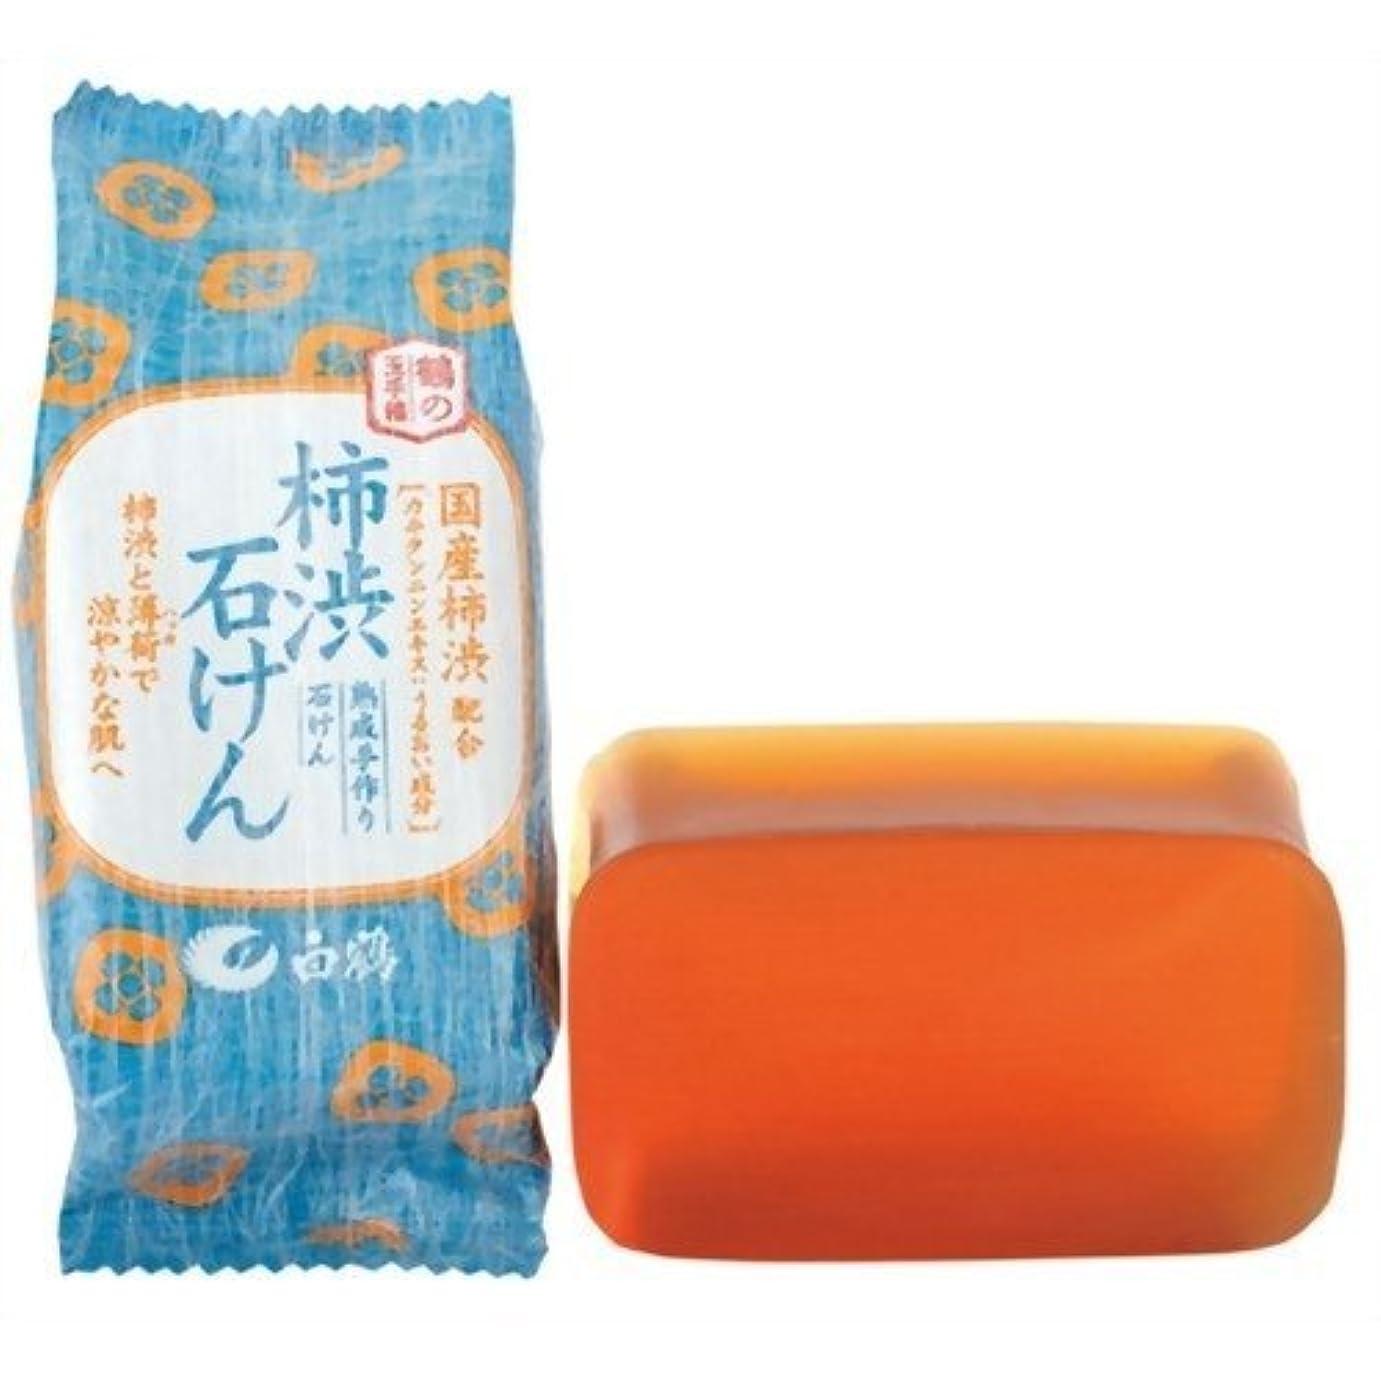 くつろぎ口拡張白鶴 鶴の玉手箱 薬用 柿渋石けん 110g × 5個